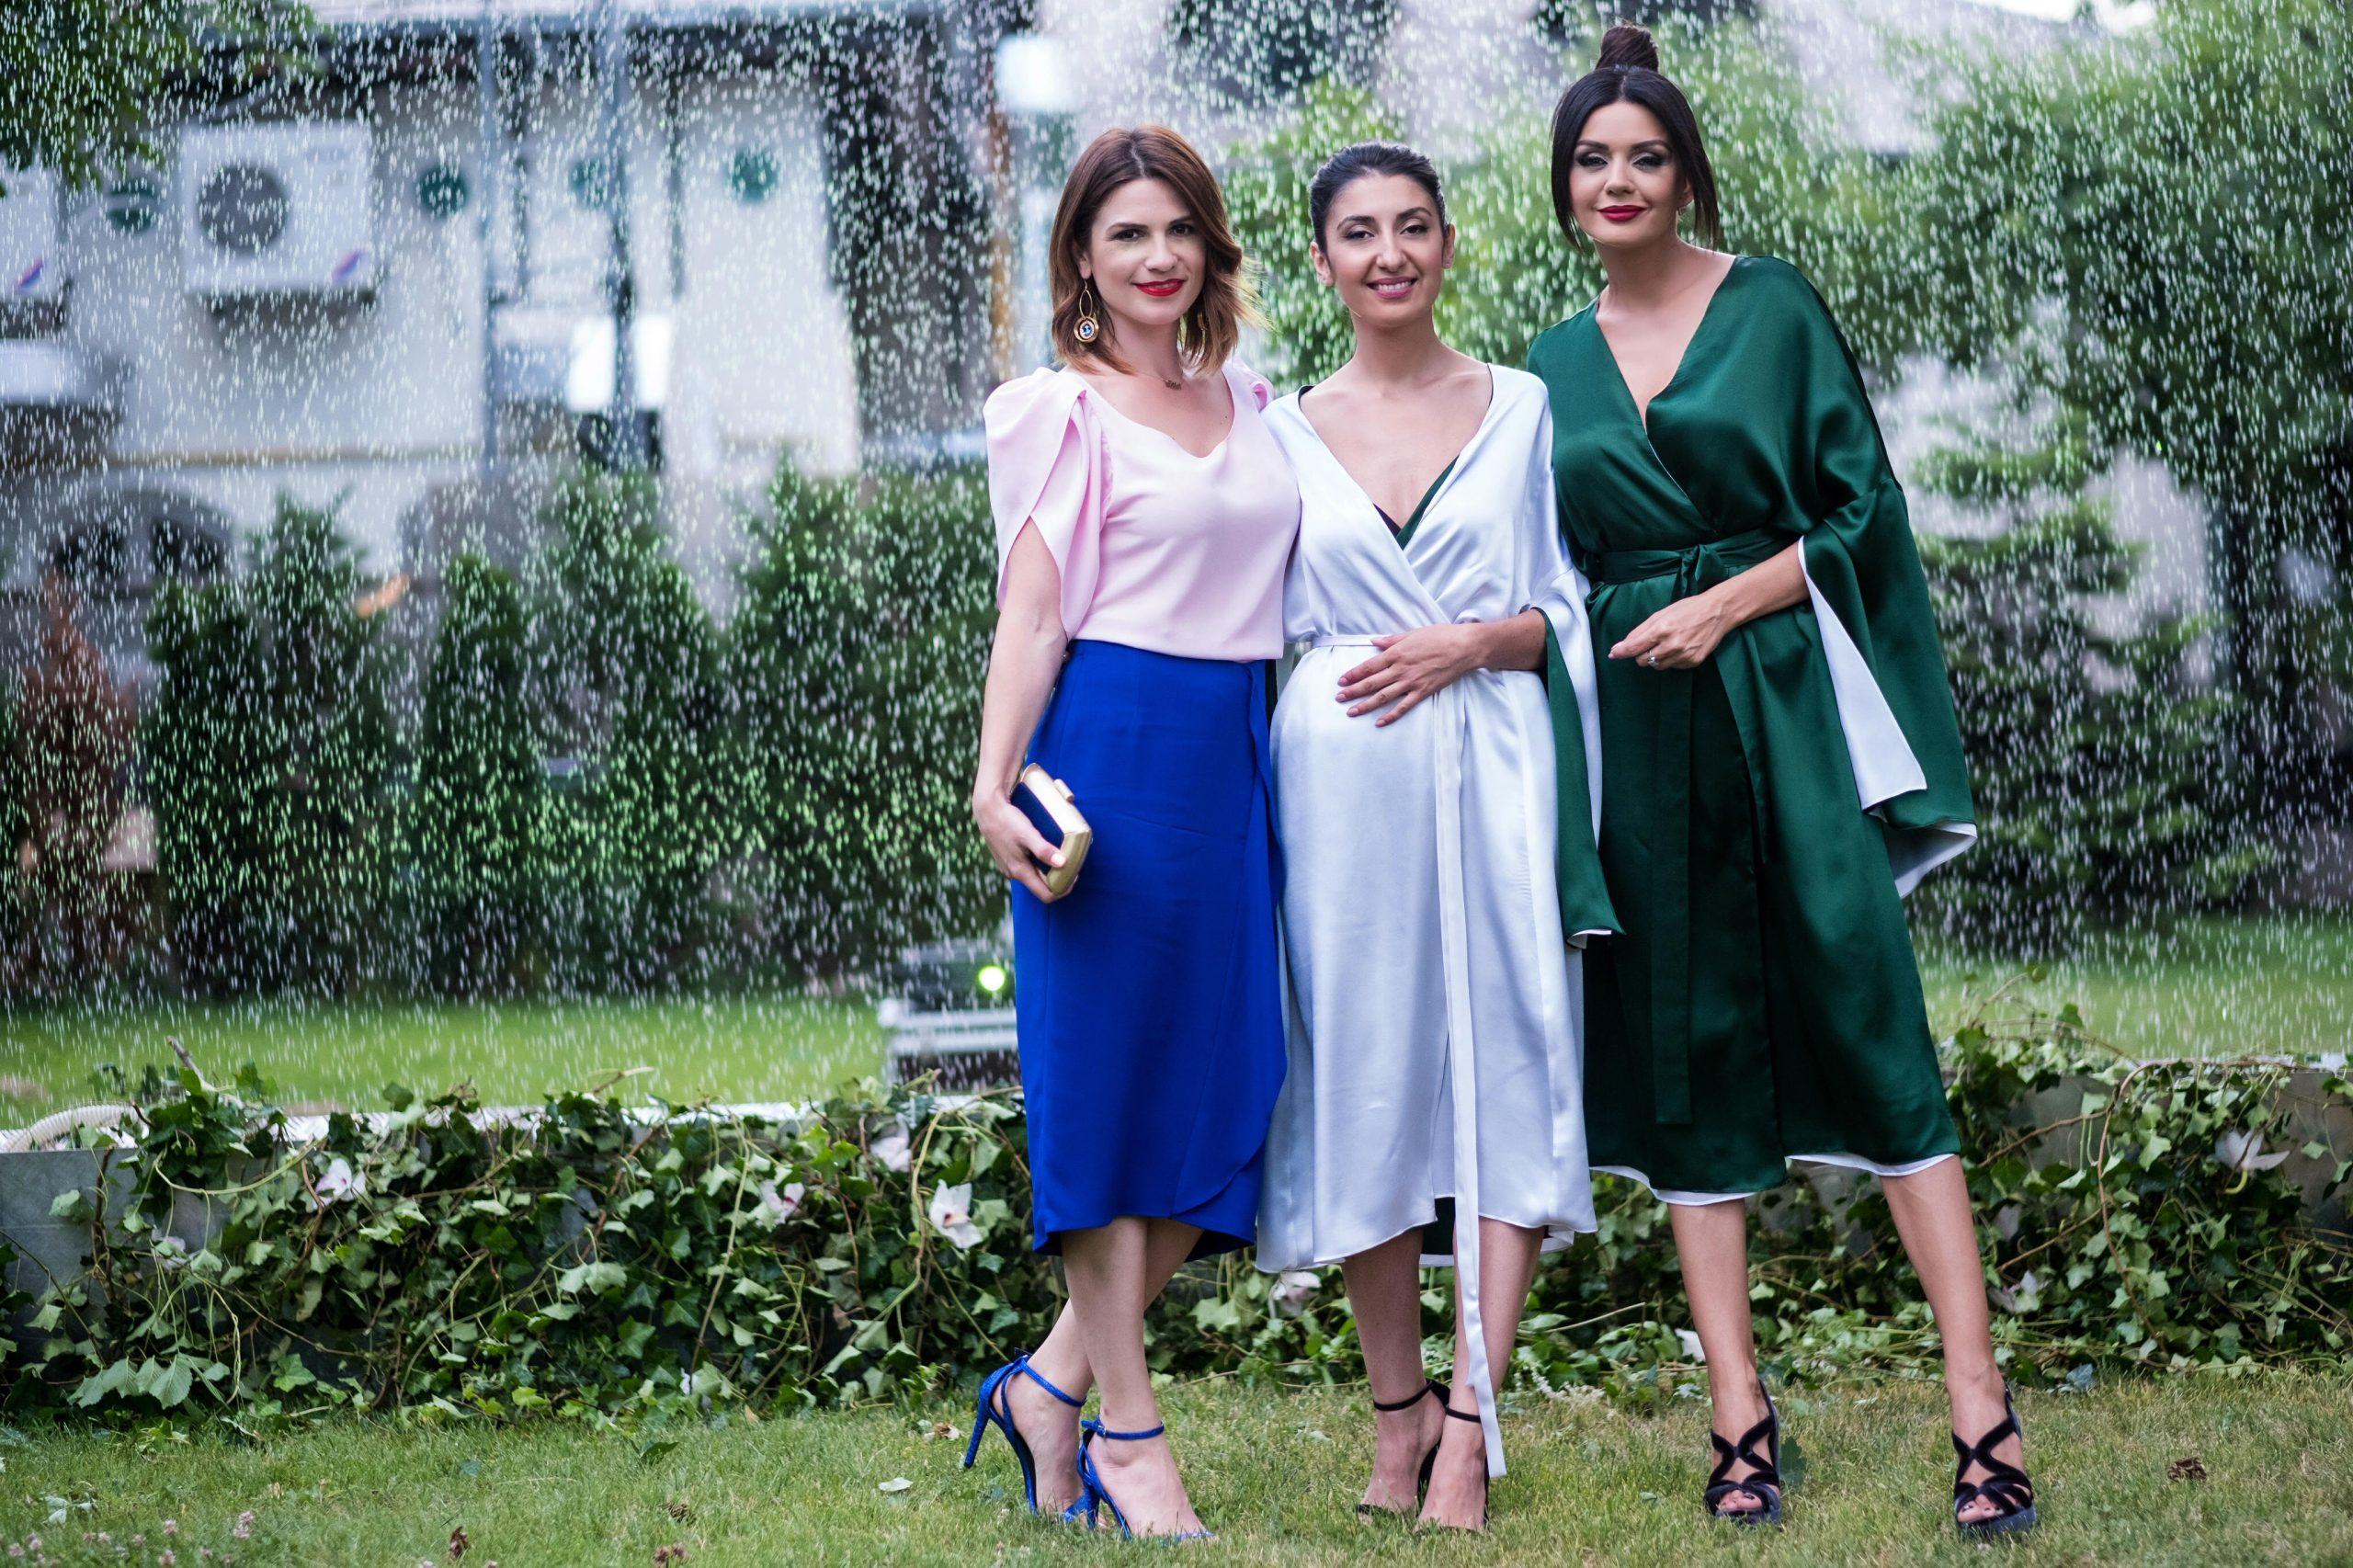 Rochia din matase cu doua fete, lansata de creatoarea de moda Laura Hincu